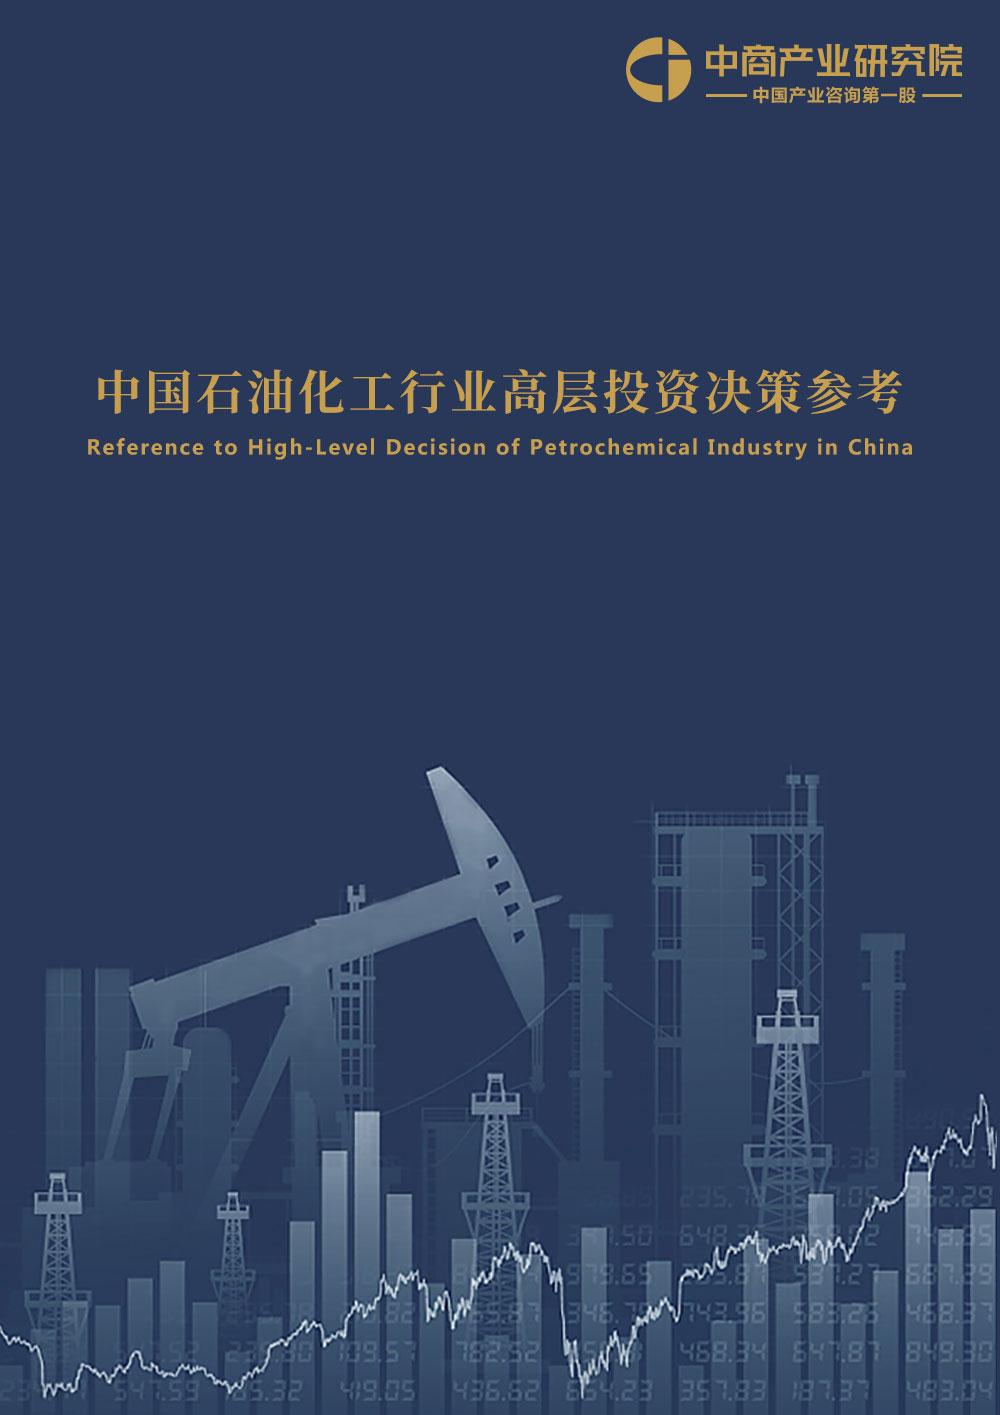 中国石油化工行业投资决策参考(2019年3月)